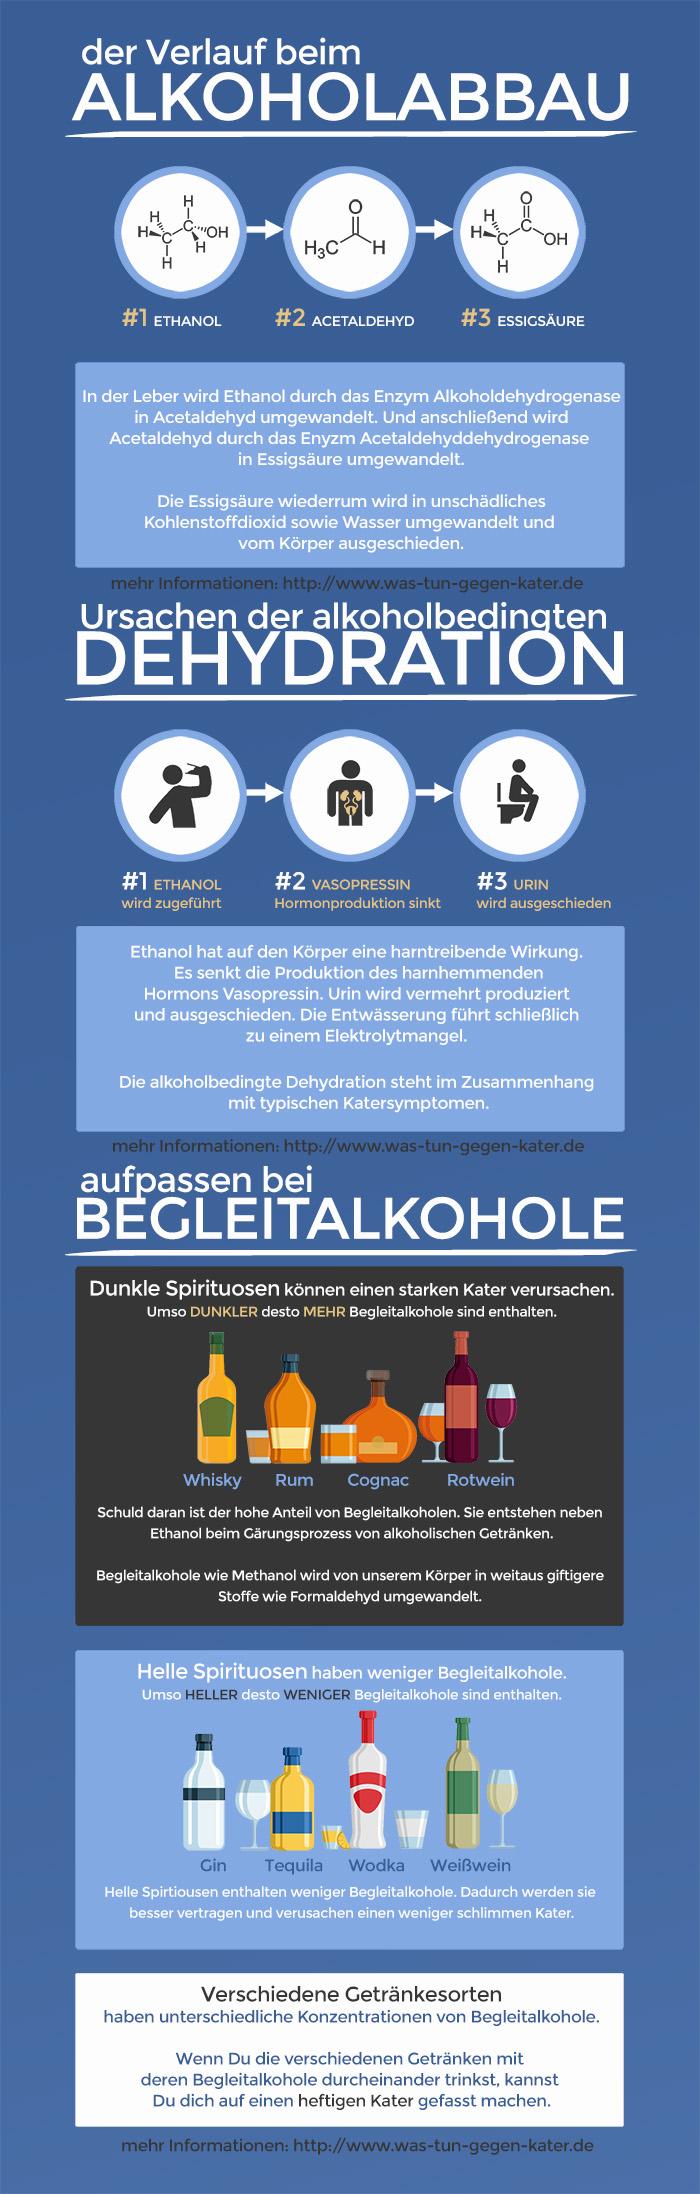 infografik - Was tun gegen Kater? der Verlauf beim Alkoholabbau - Ursachen der Dehydration - aufpassen bei Begleitalkoholen